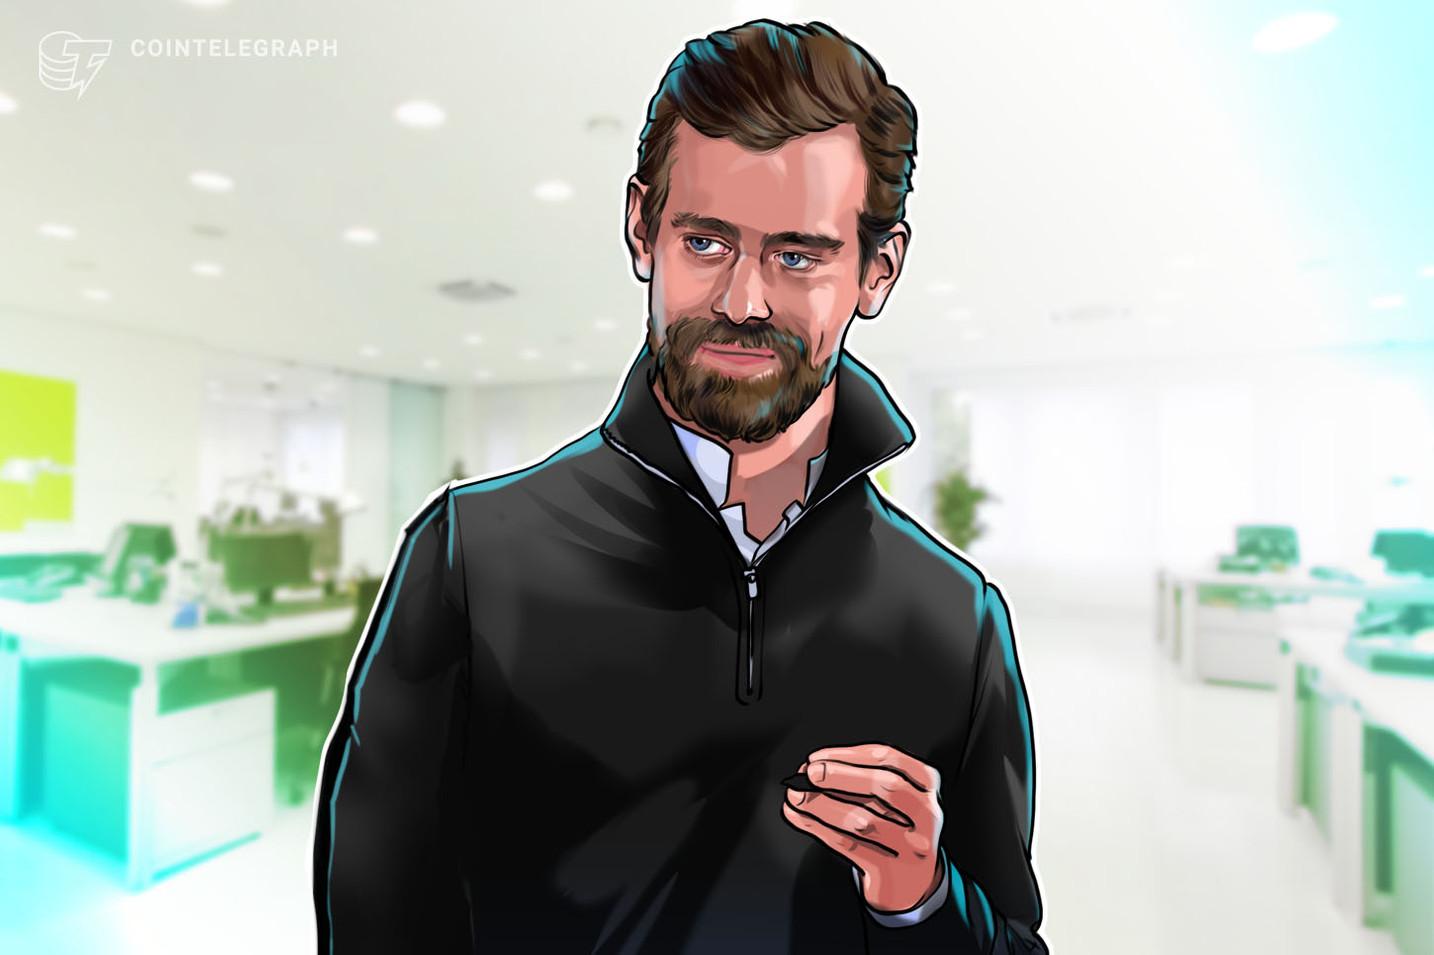 """El CEO de Twitter, Jack Dorsey, sobre unirse a Libra: """"Diablos, no"""""""